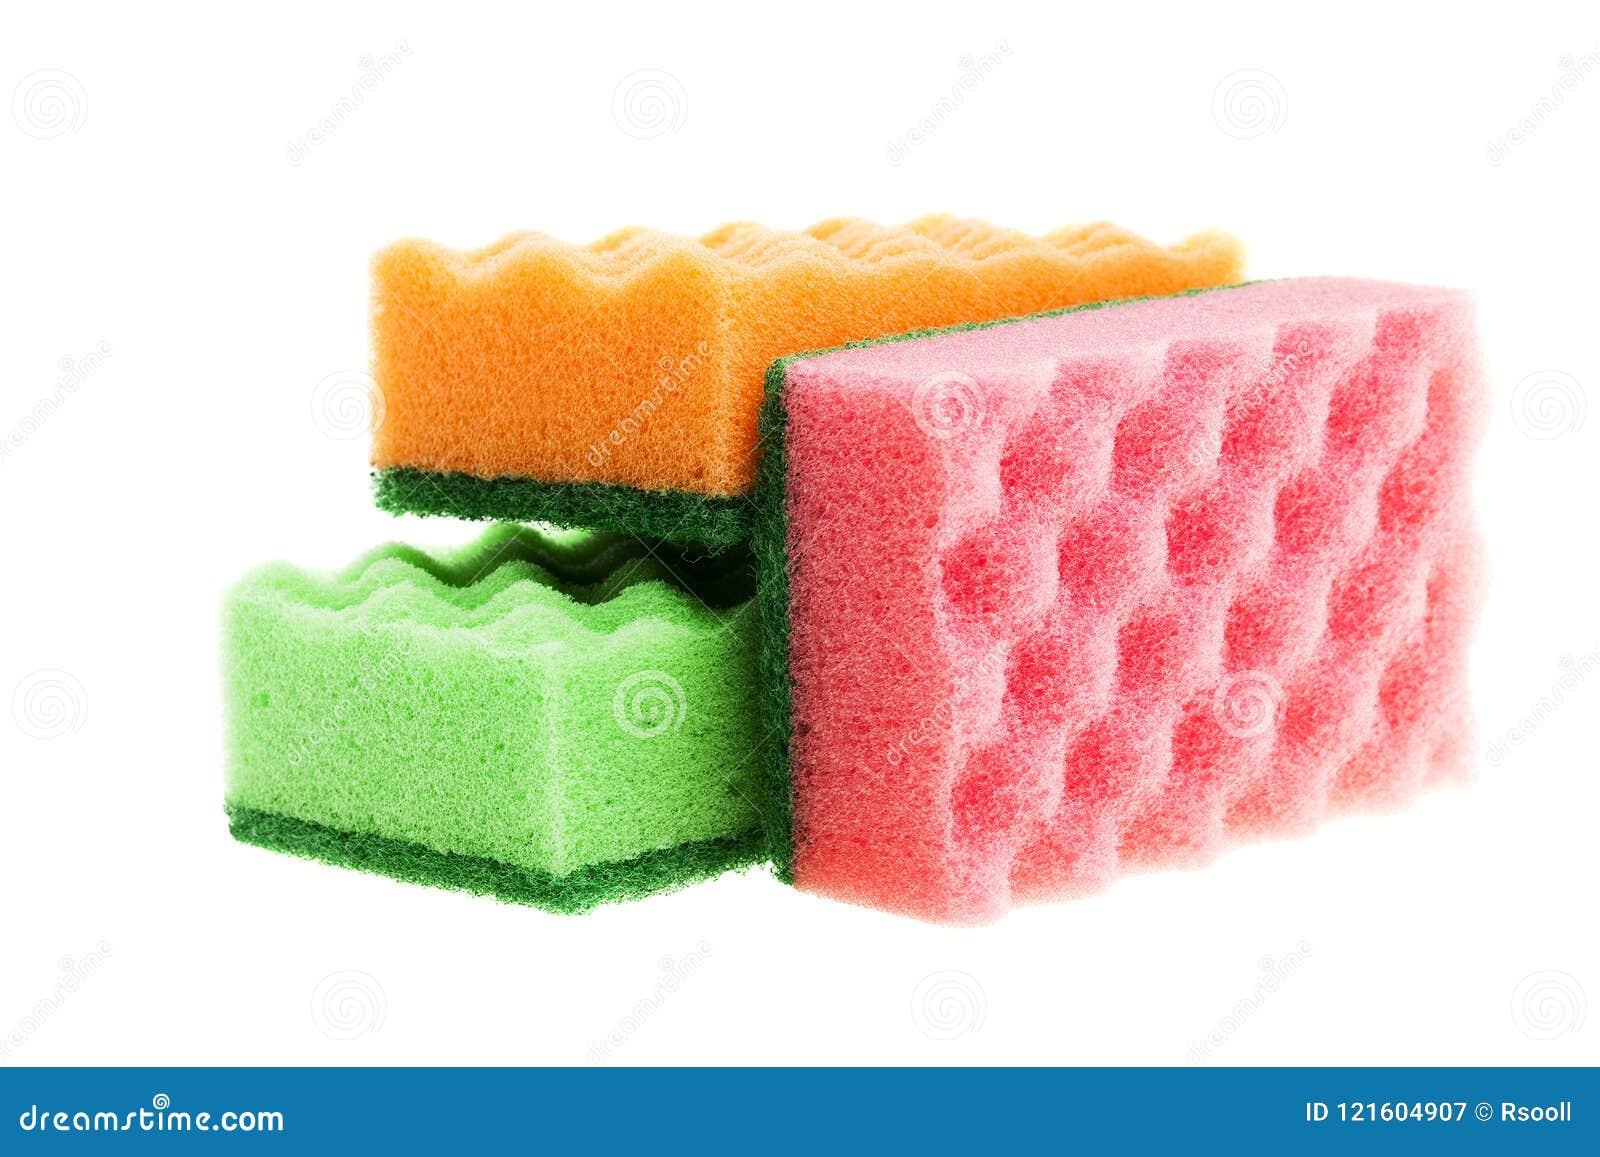 Multi-colored sponges